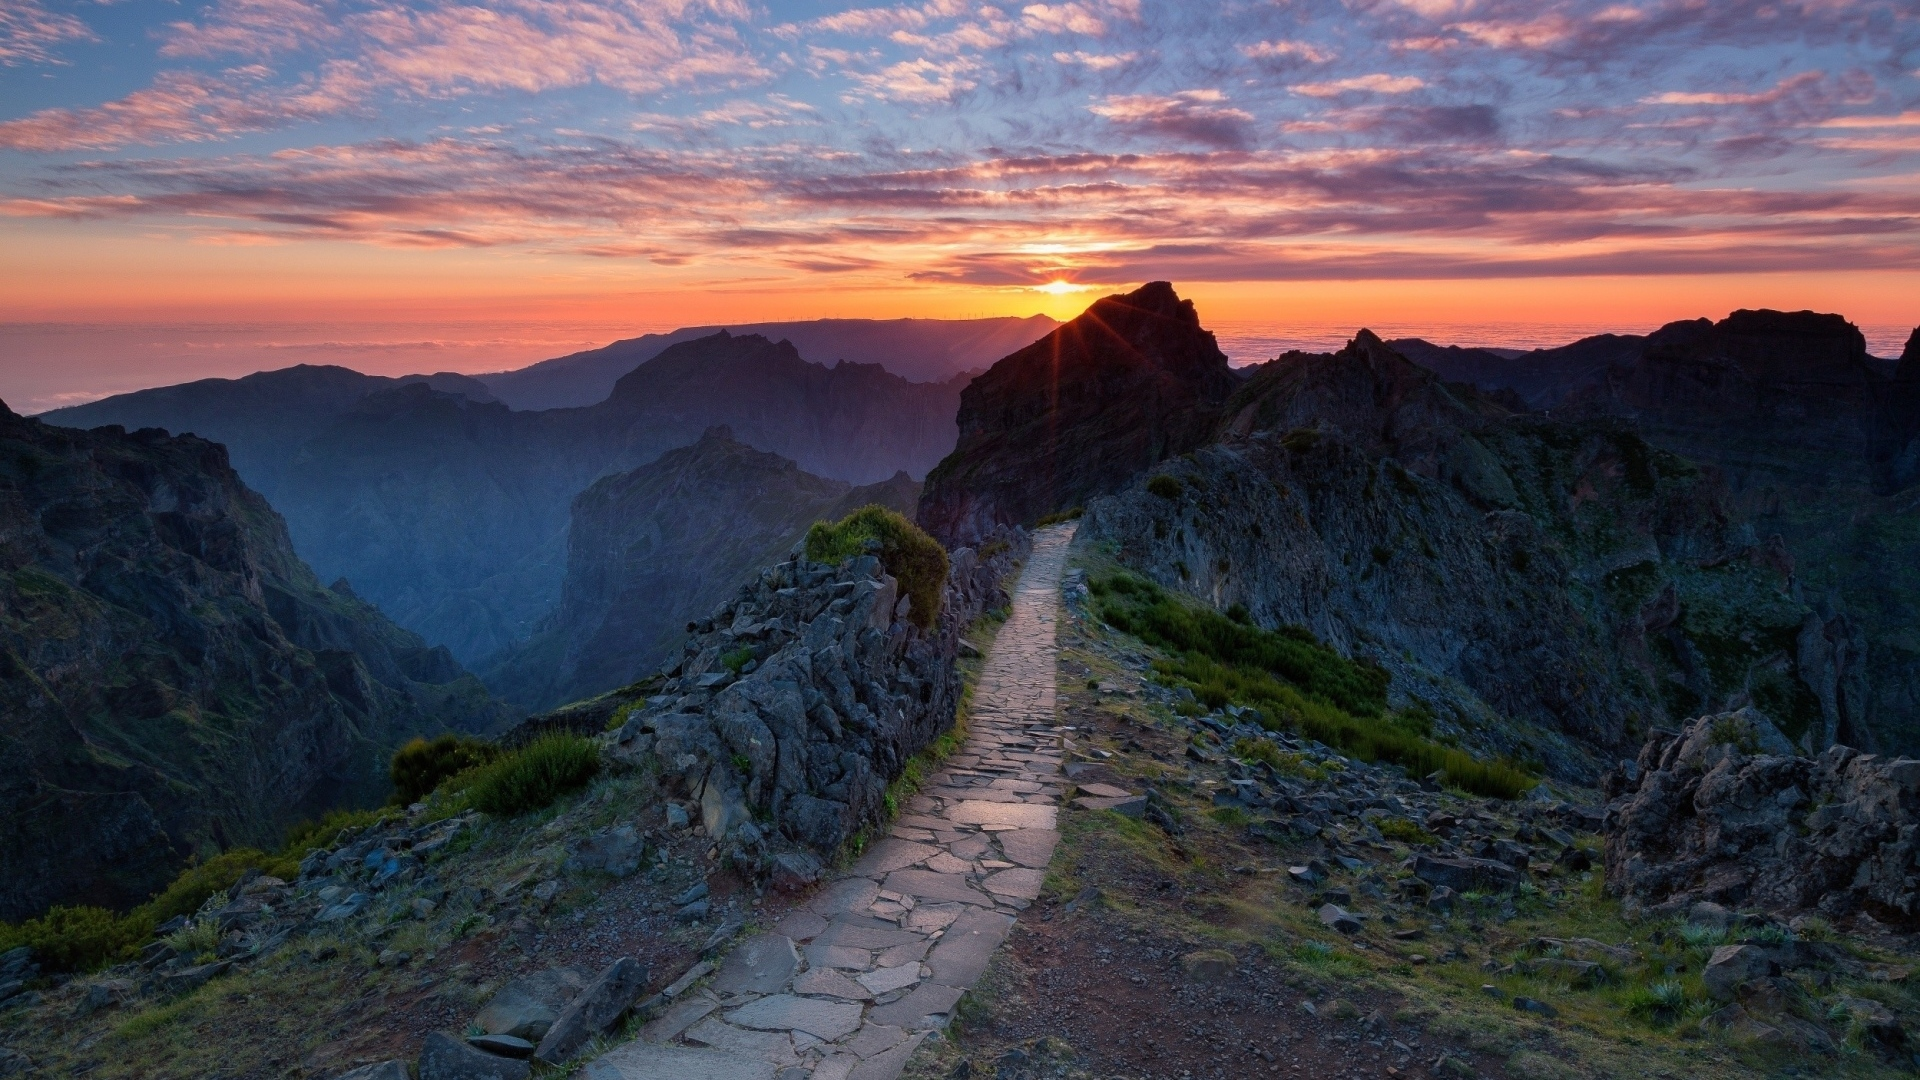 Солнце, рассвет, горы, холмы, дорога  № 3302253 загрузить